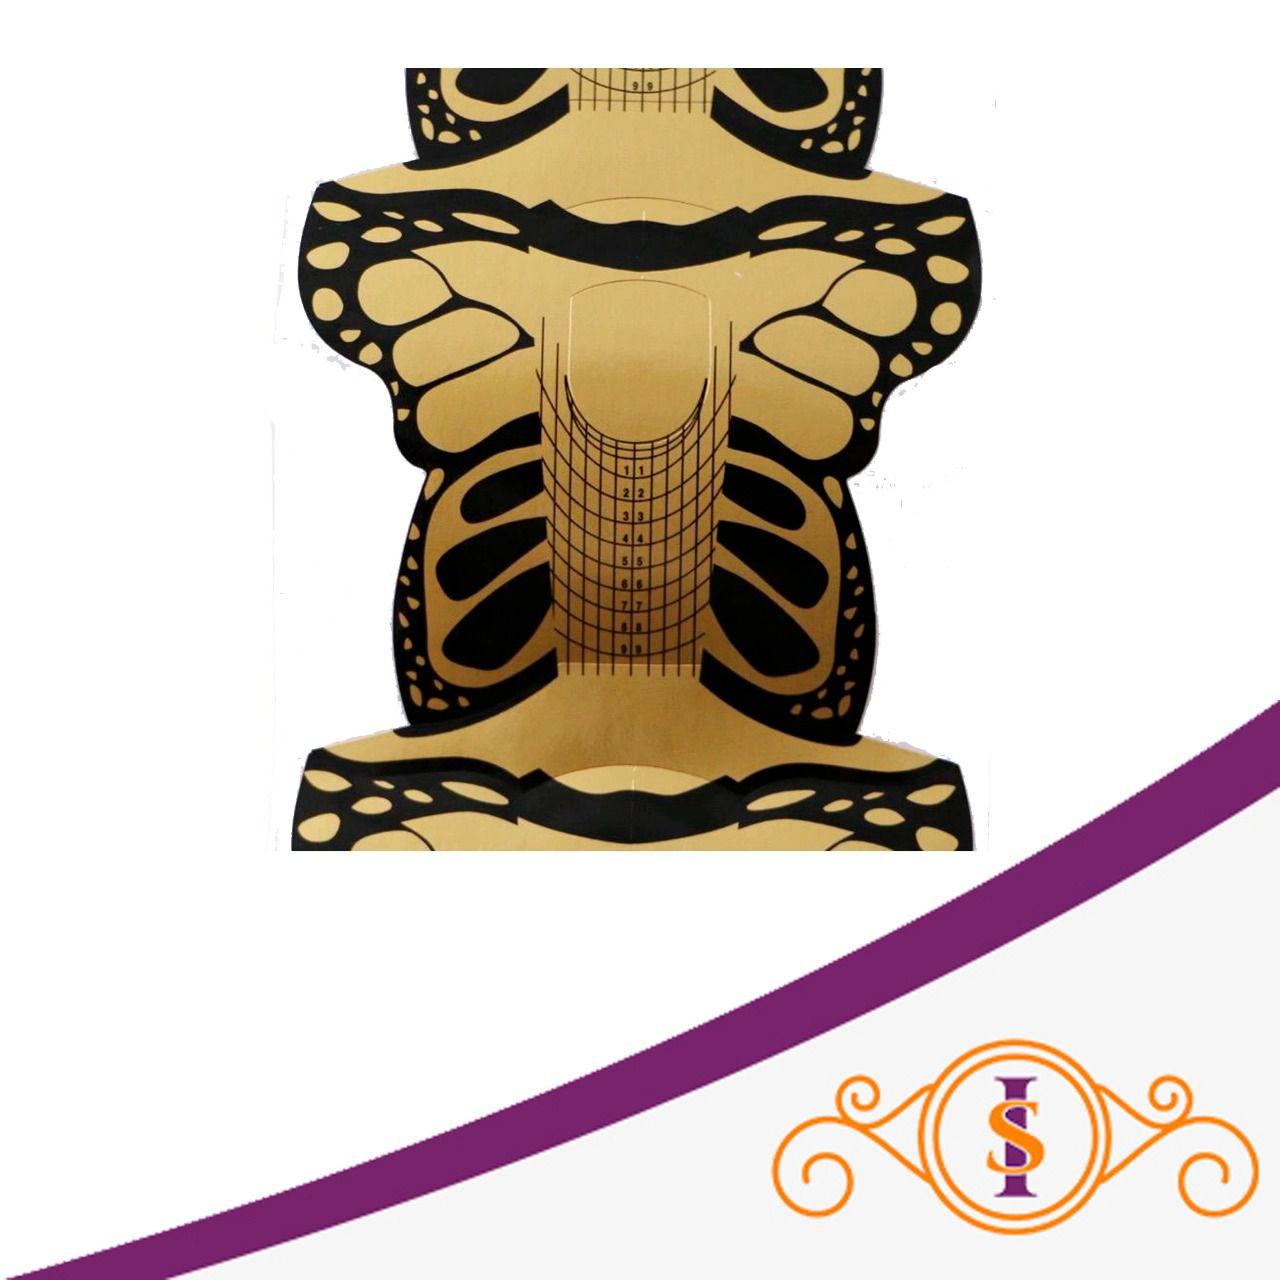 Molde Borboleta Preto e Dourado - 300 unidades